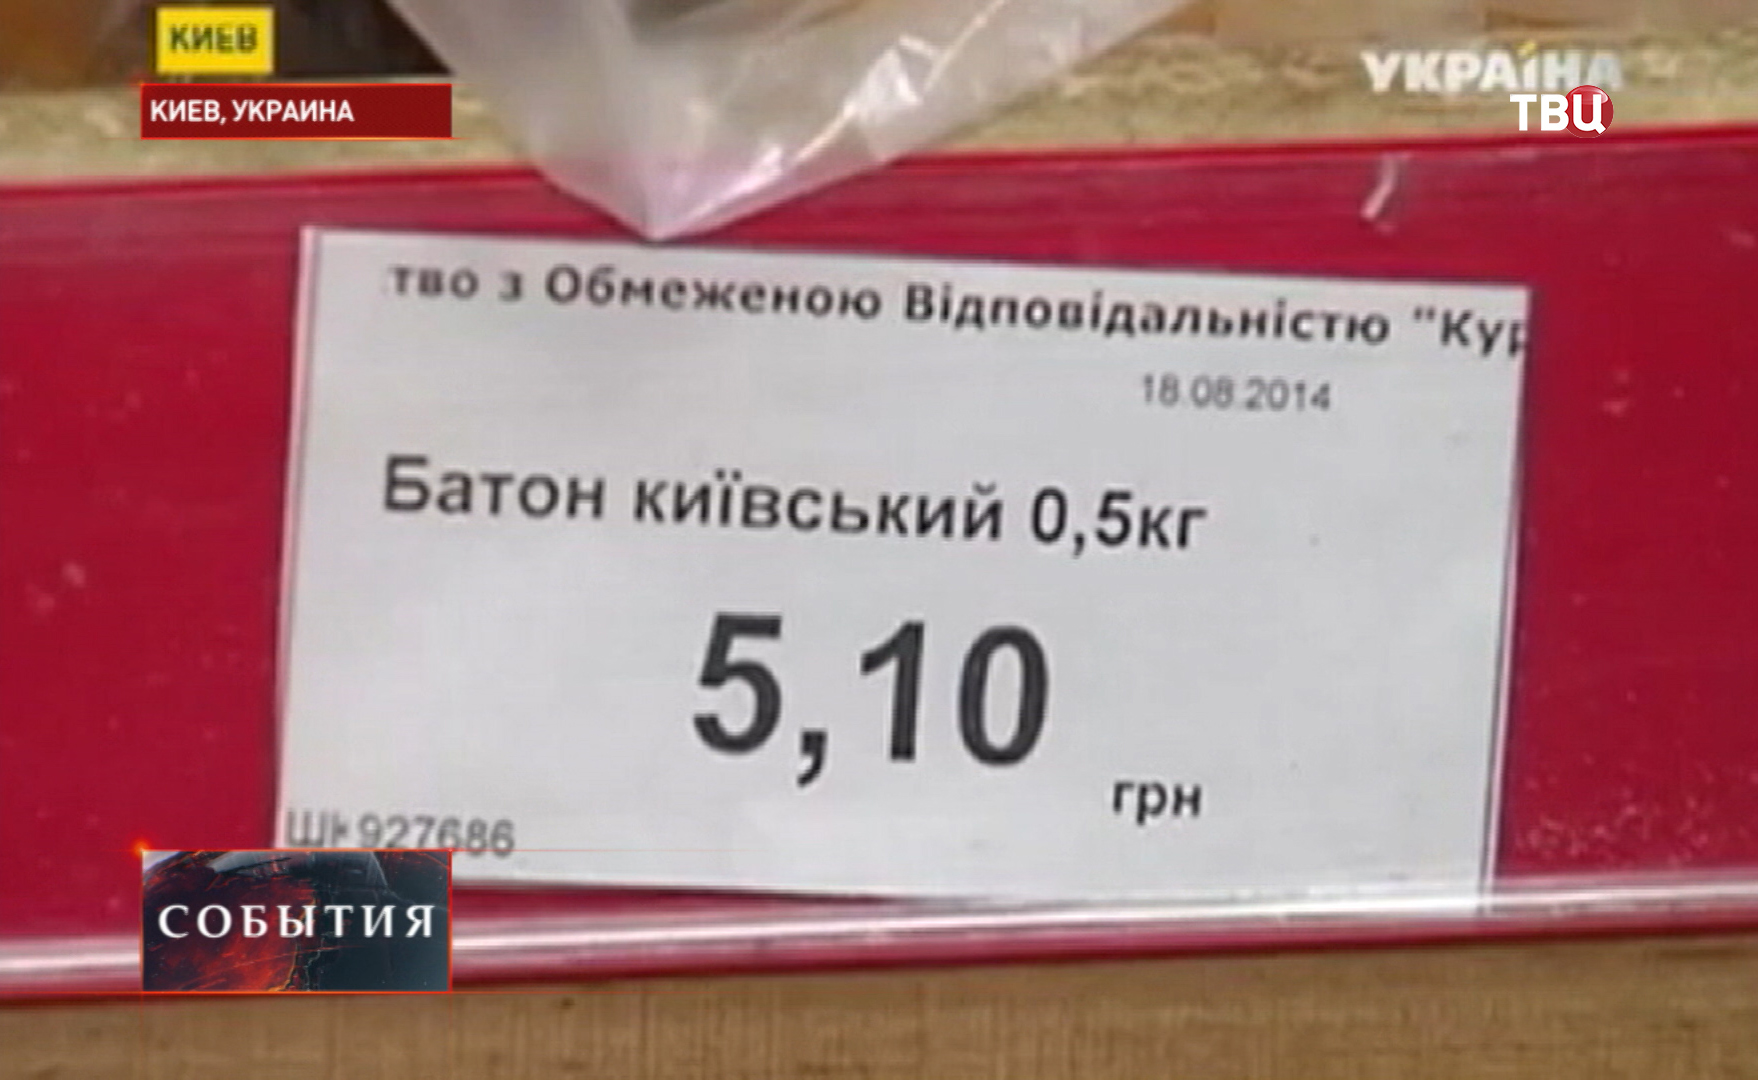 Стоимость хлеба в Киеве